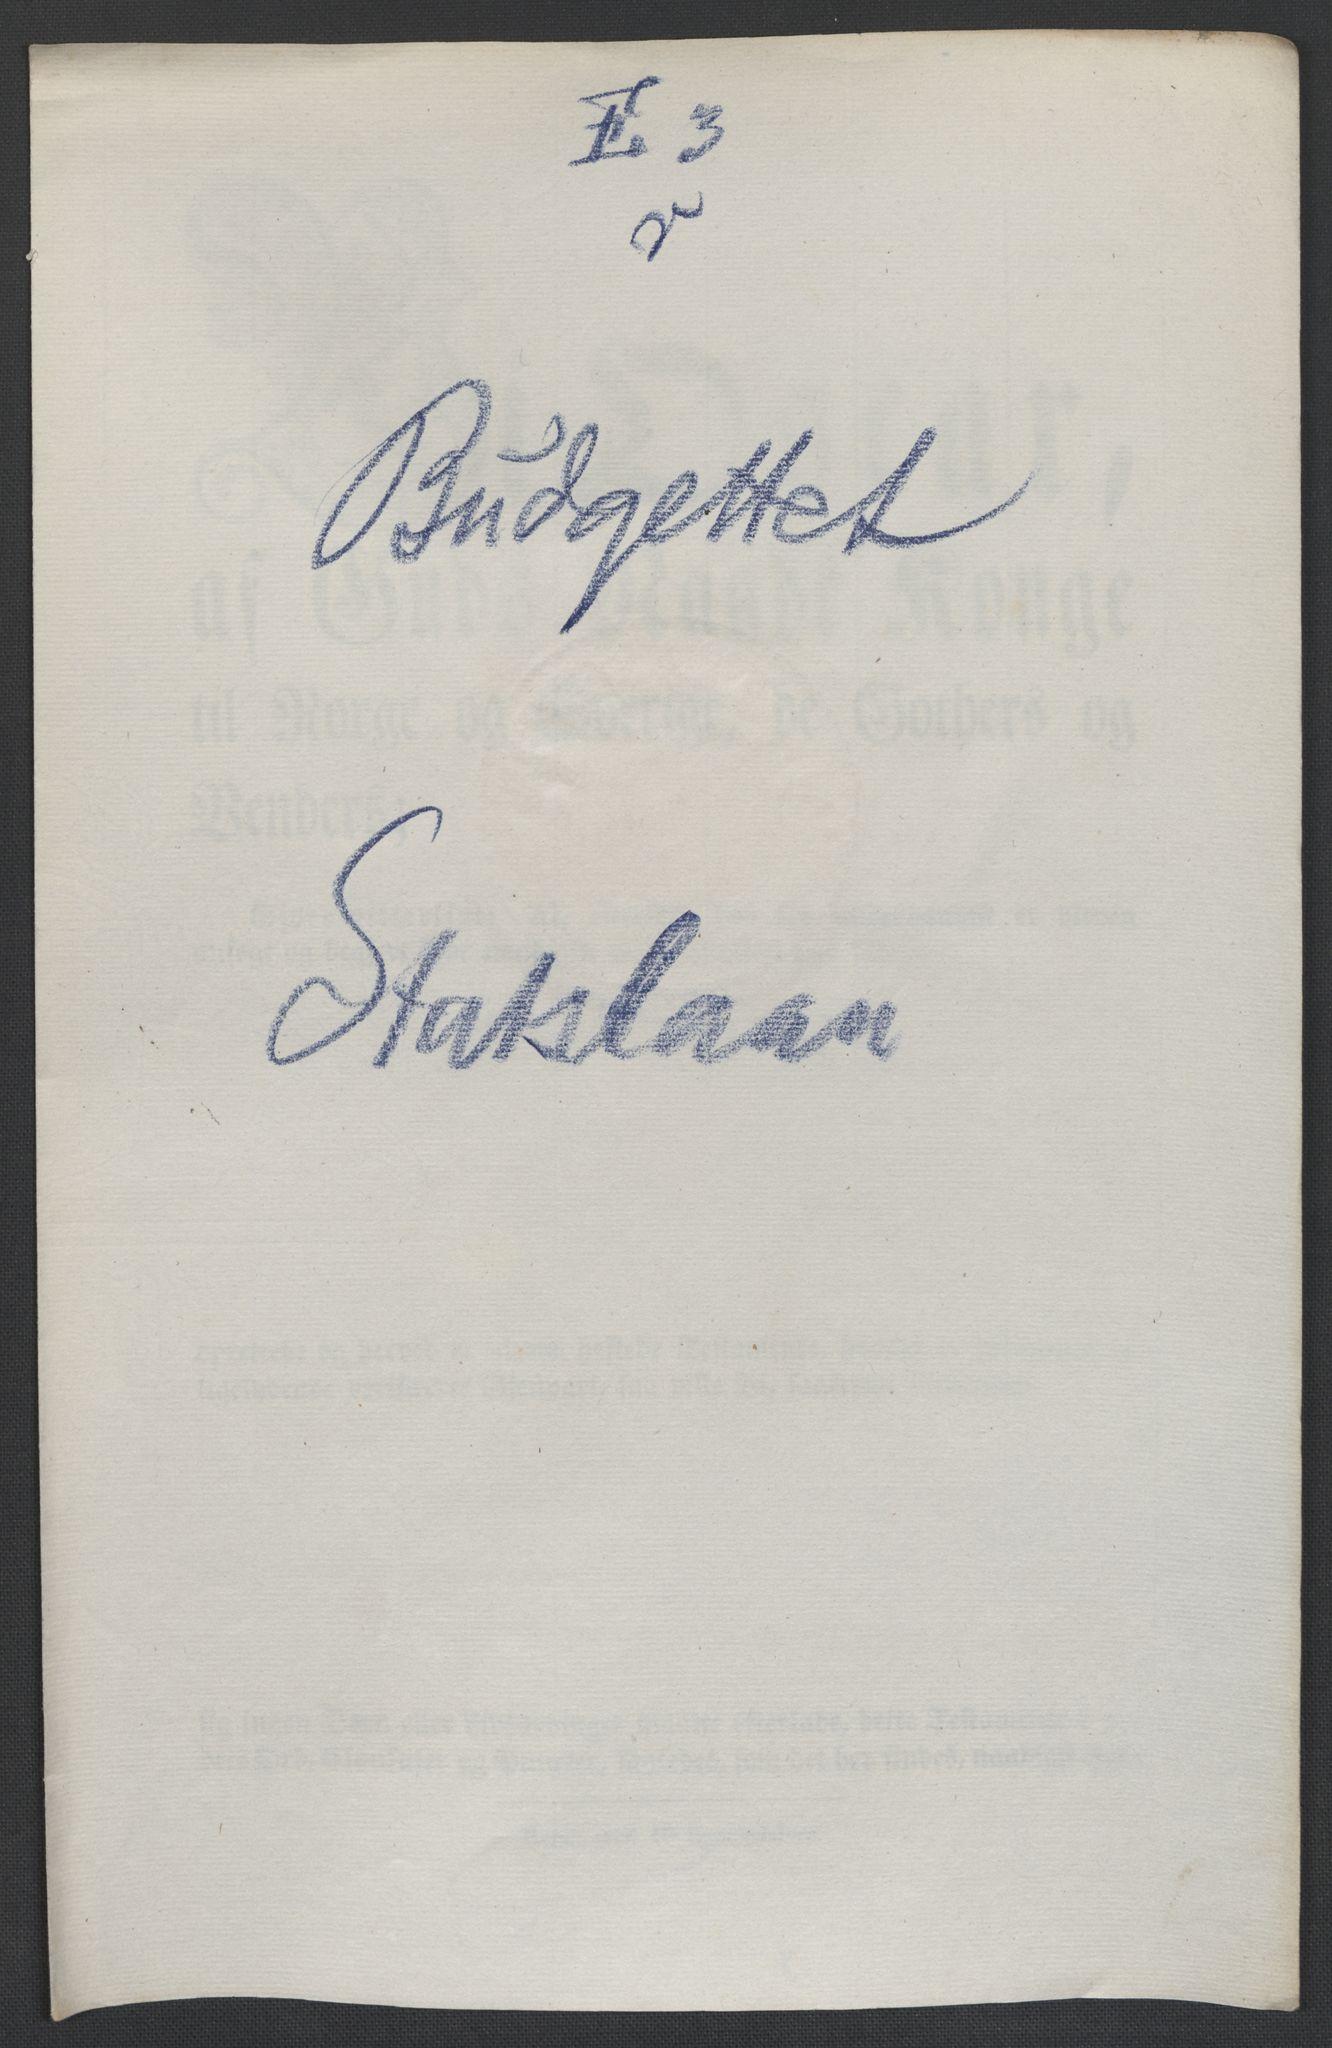 RA, Christie, Wilhelm Frimann Koren, F/L0005, 1815-1816, s. 553